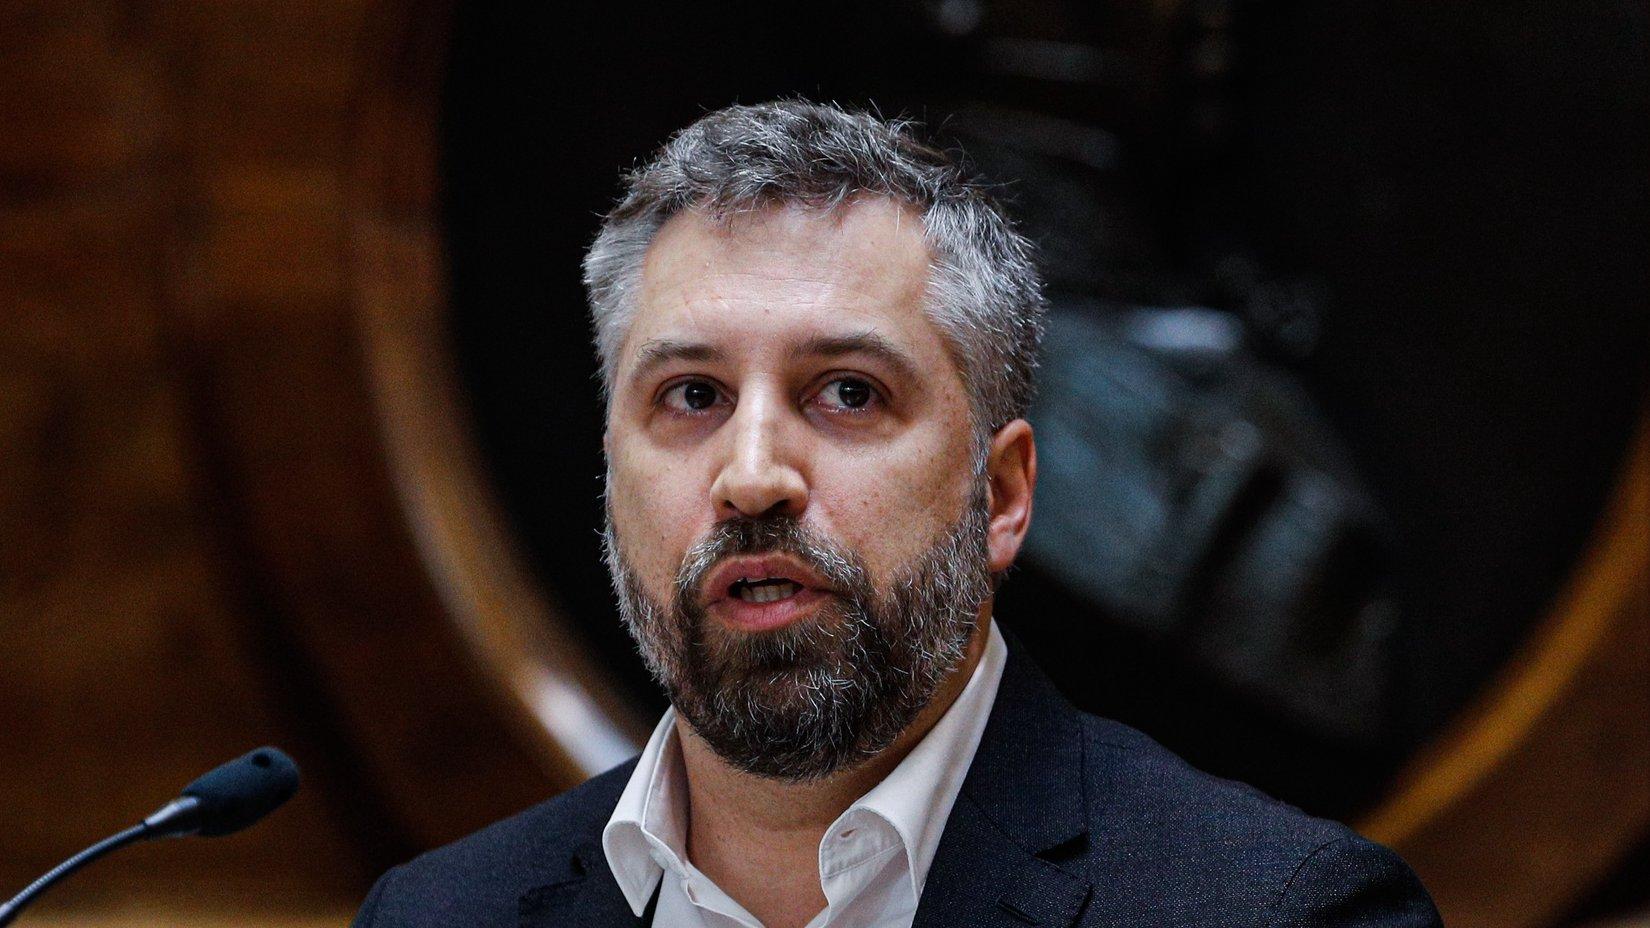 O ministro das Infraestruturas e da Habitação, Pedro Nuno Santos, intervém durante a sua audição perante a Comissão de Economia, Inovação, Obras Públicas e Habitação, na Assembleia da República, em Lisboa, 24 de março de 2021. ANTÓNIO COTRIM/LUSA